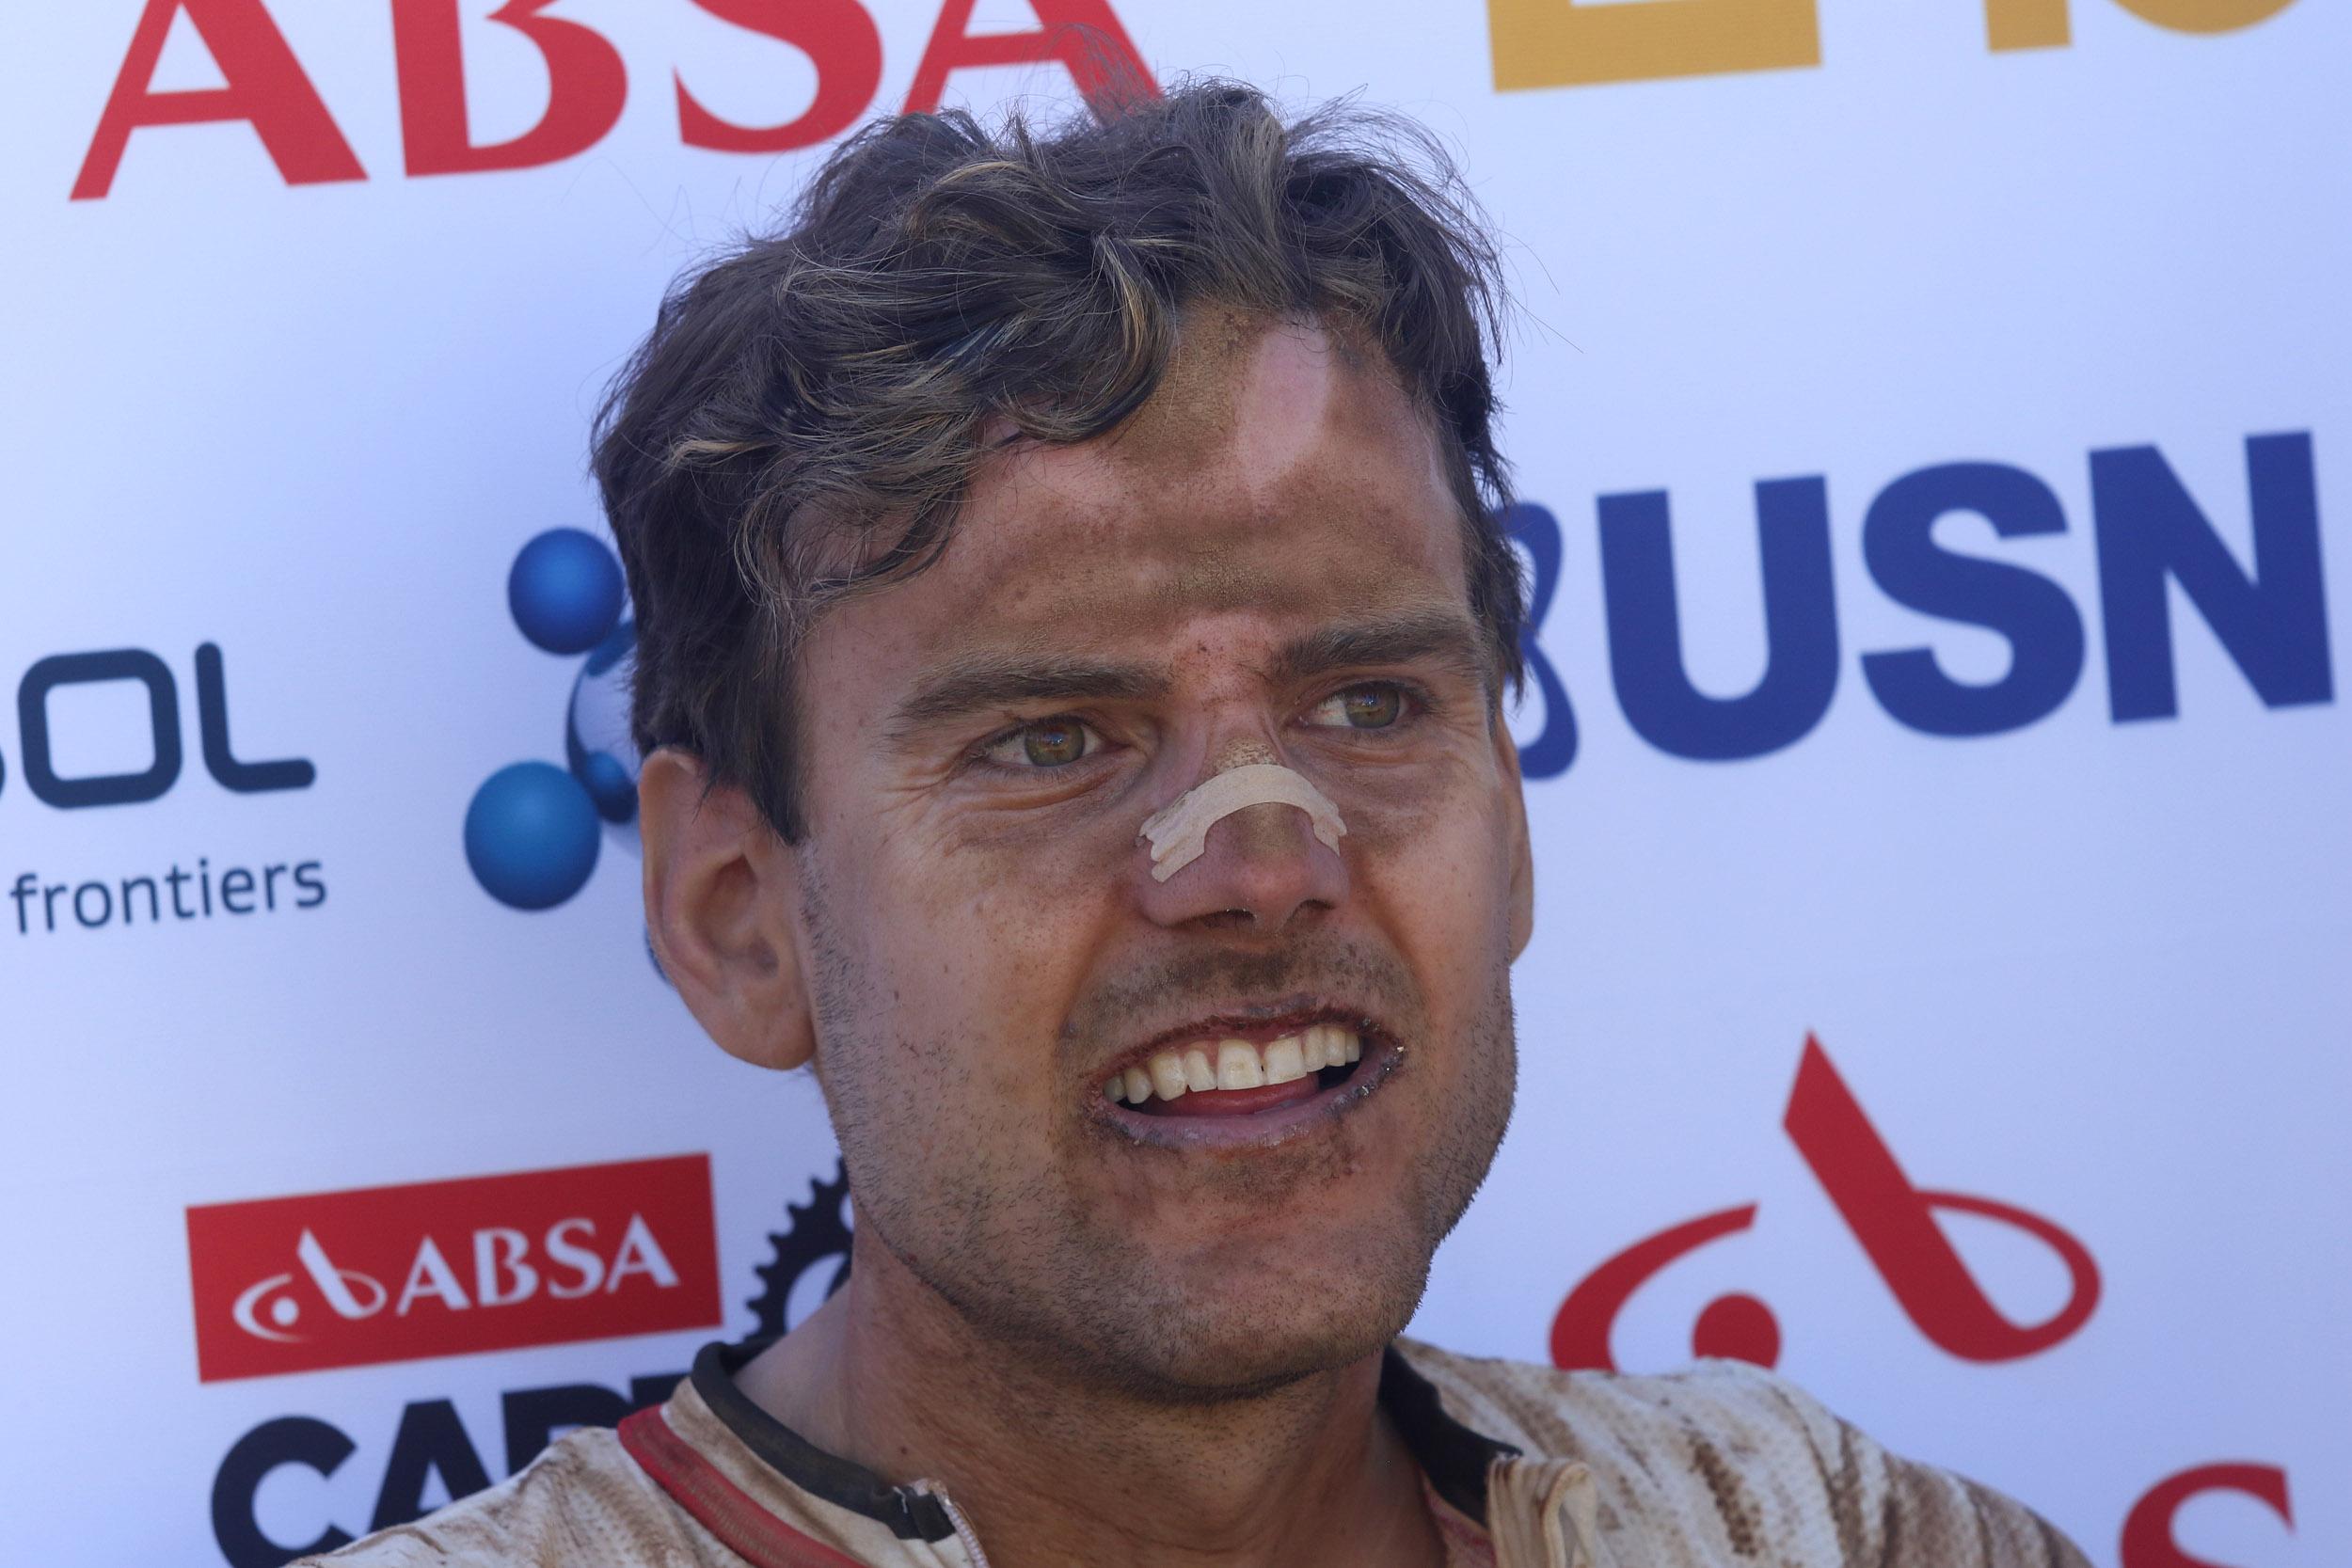 Εξουθενωμένος από τη ζέστη και τη σκόνη, ο Περικλής Ηλίας της Dolomiti Superbike τερμάτισε στην τρίτη θέση του stage 1 του Absa Cape Epic Mountain Bike από το Saronsberg Wine Estate ως το Tulbagh, της Νοτίου Αφρικής, στις 14 Μαρτίου 2016. Photo by Shaun Roy/Cape Epic/SPORTZPICS PLEASE ENSURE THE APPROPRIATE CREDIT IS GIVEN TO THE PHOTOGRAPHER AND SPORTZPICS ALONG WITH THE ABSA CAPE EPIC {ace2016}